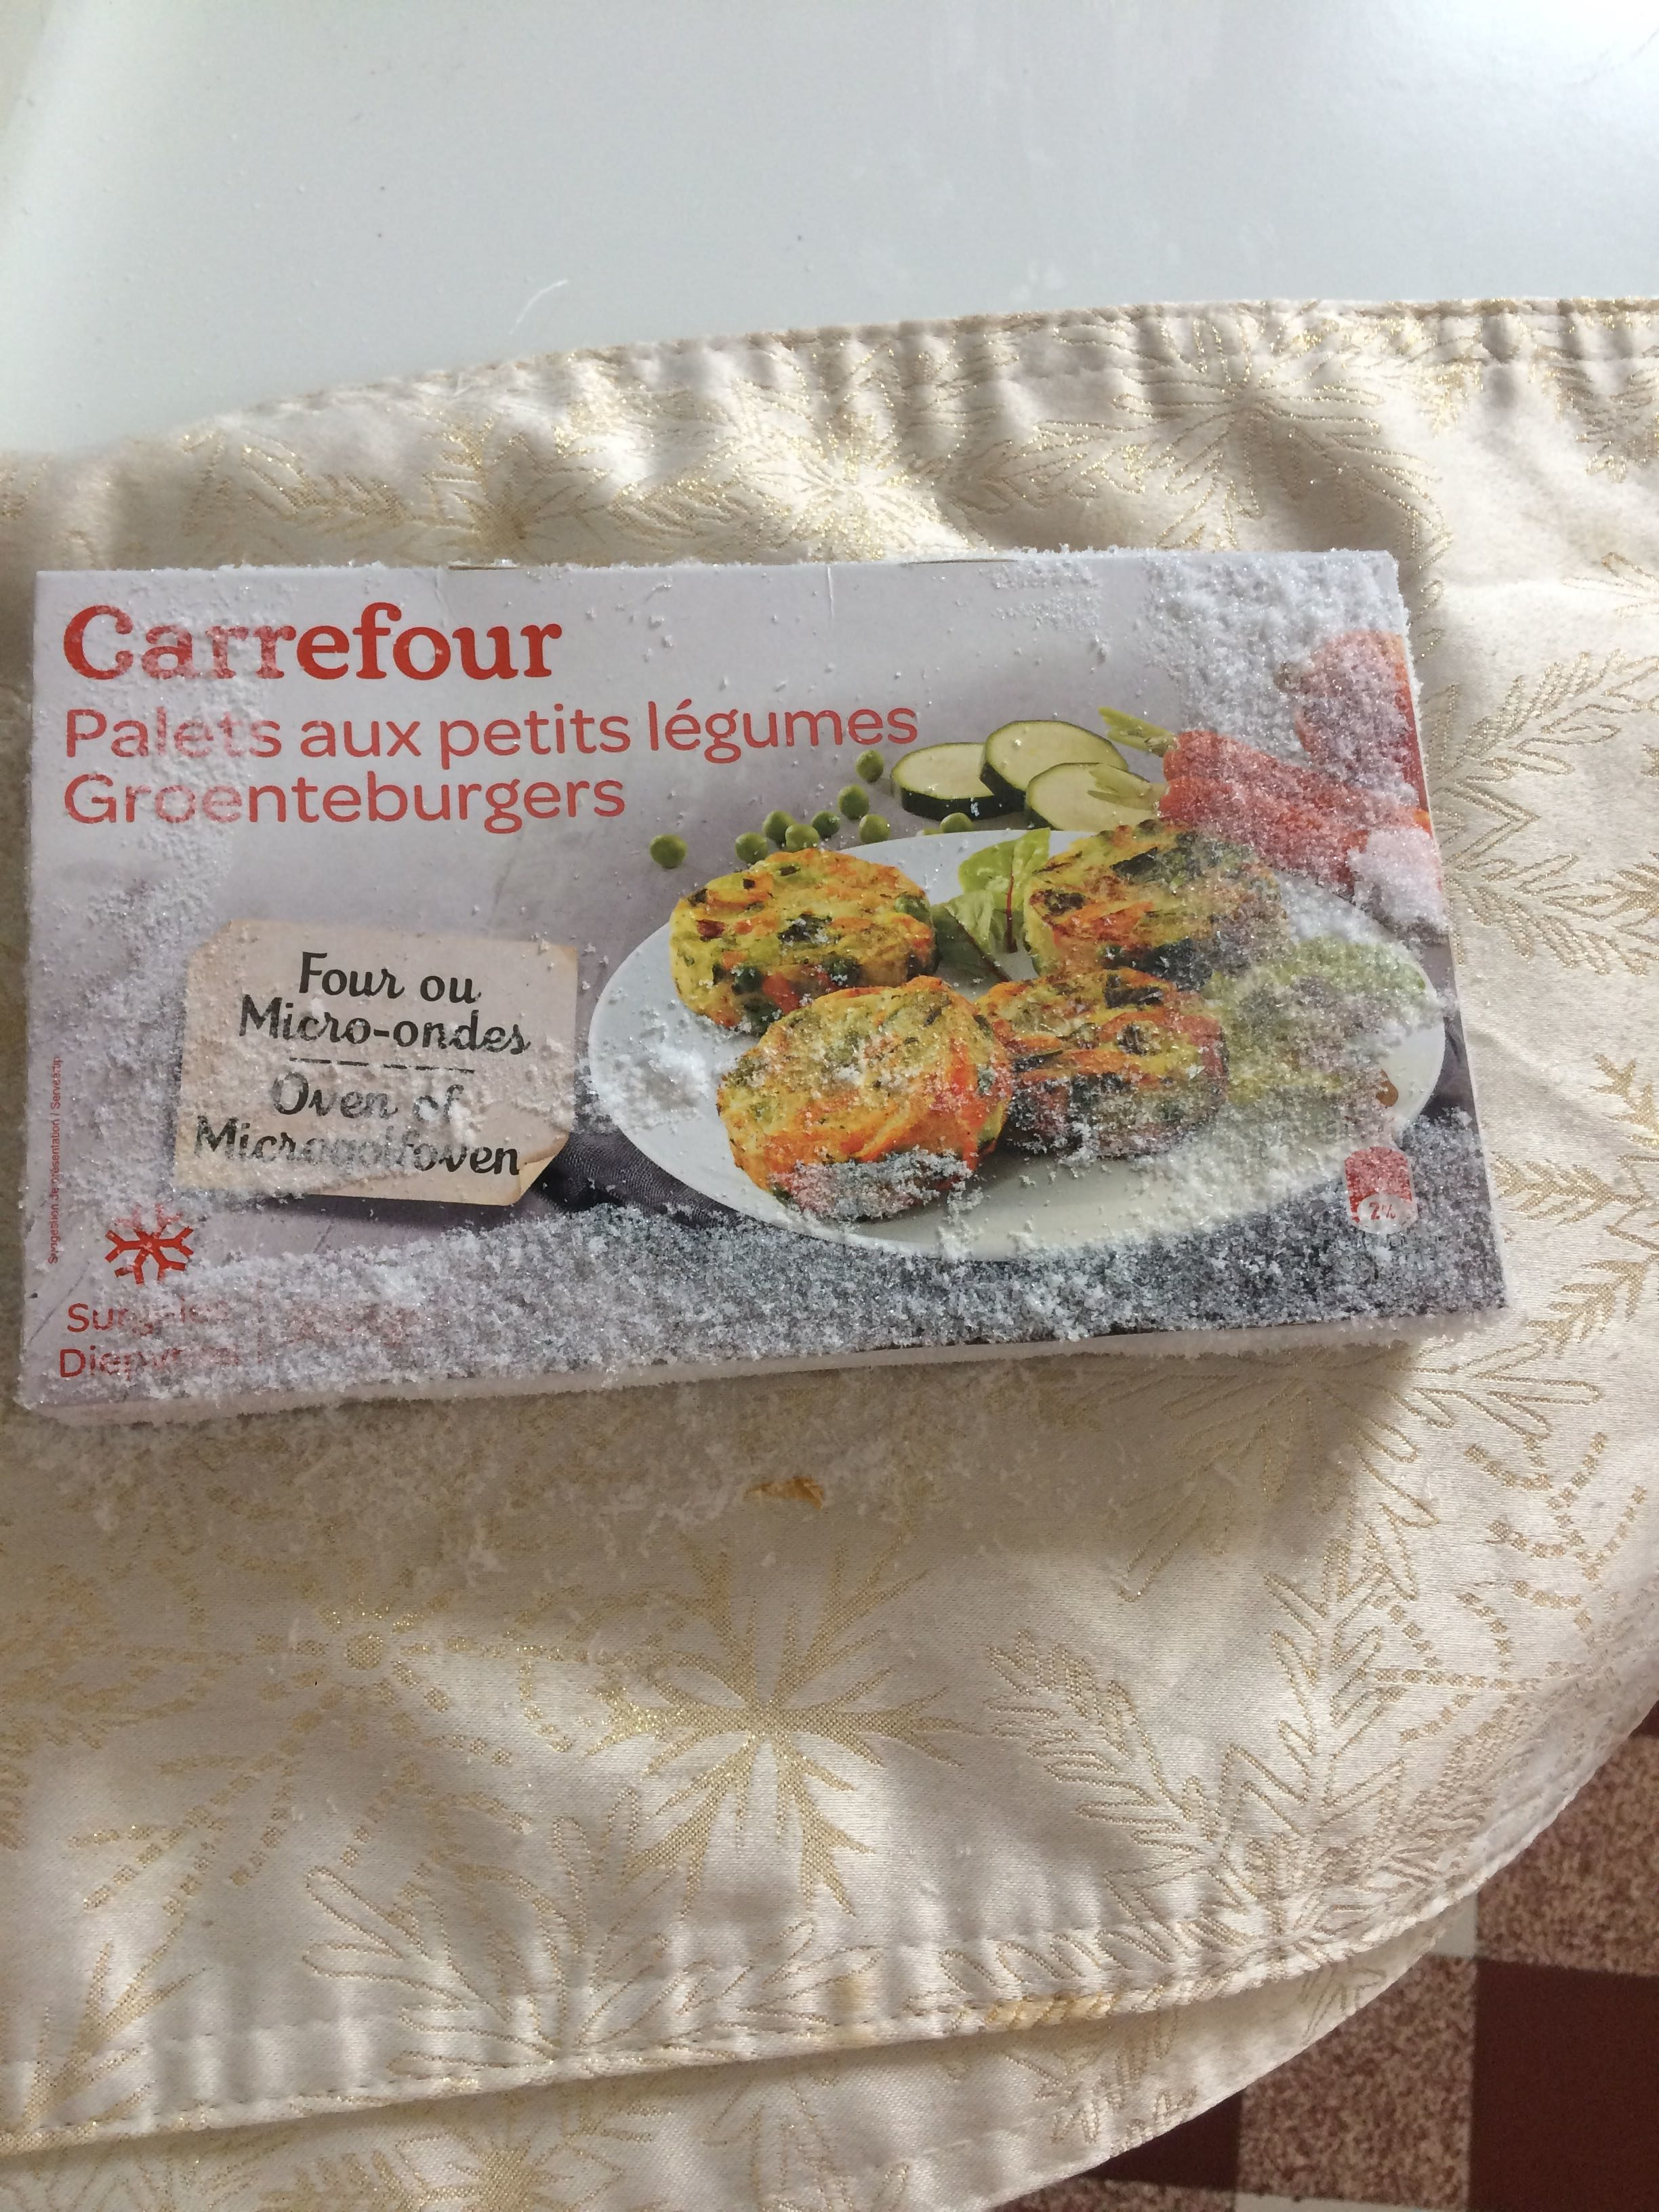 8 Palets Aux Petits Légumes - Product